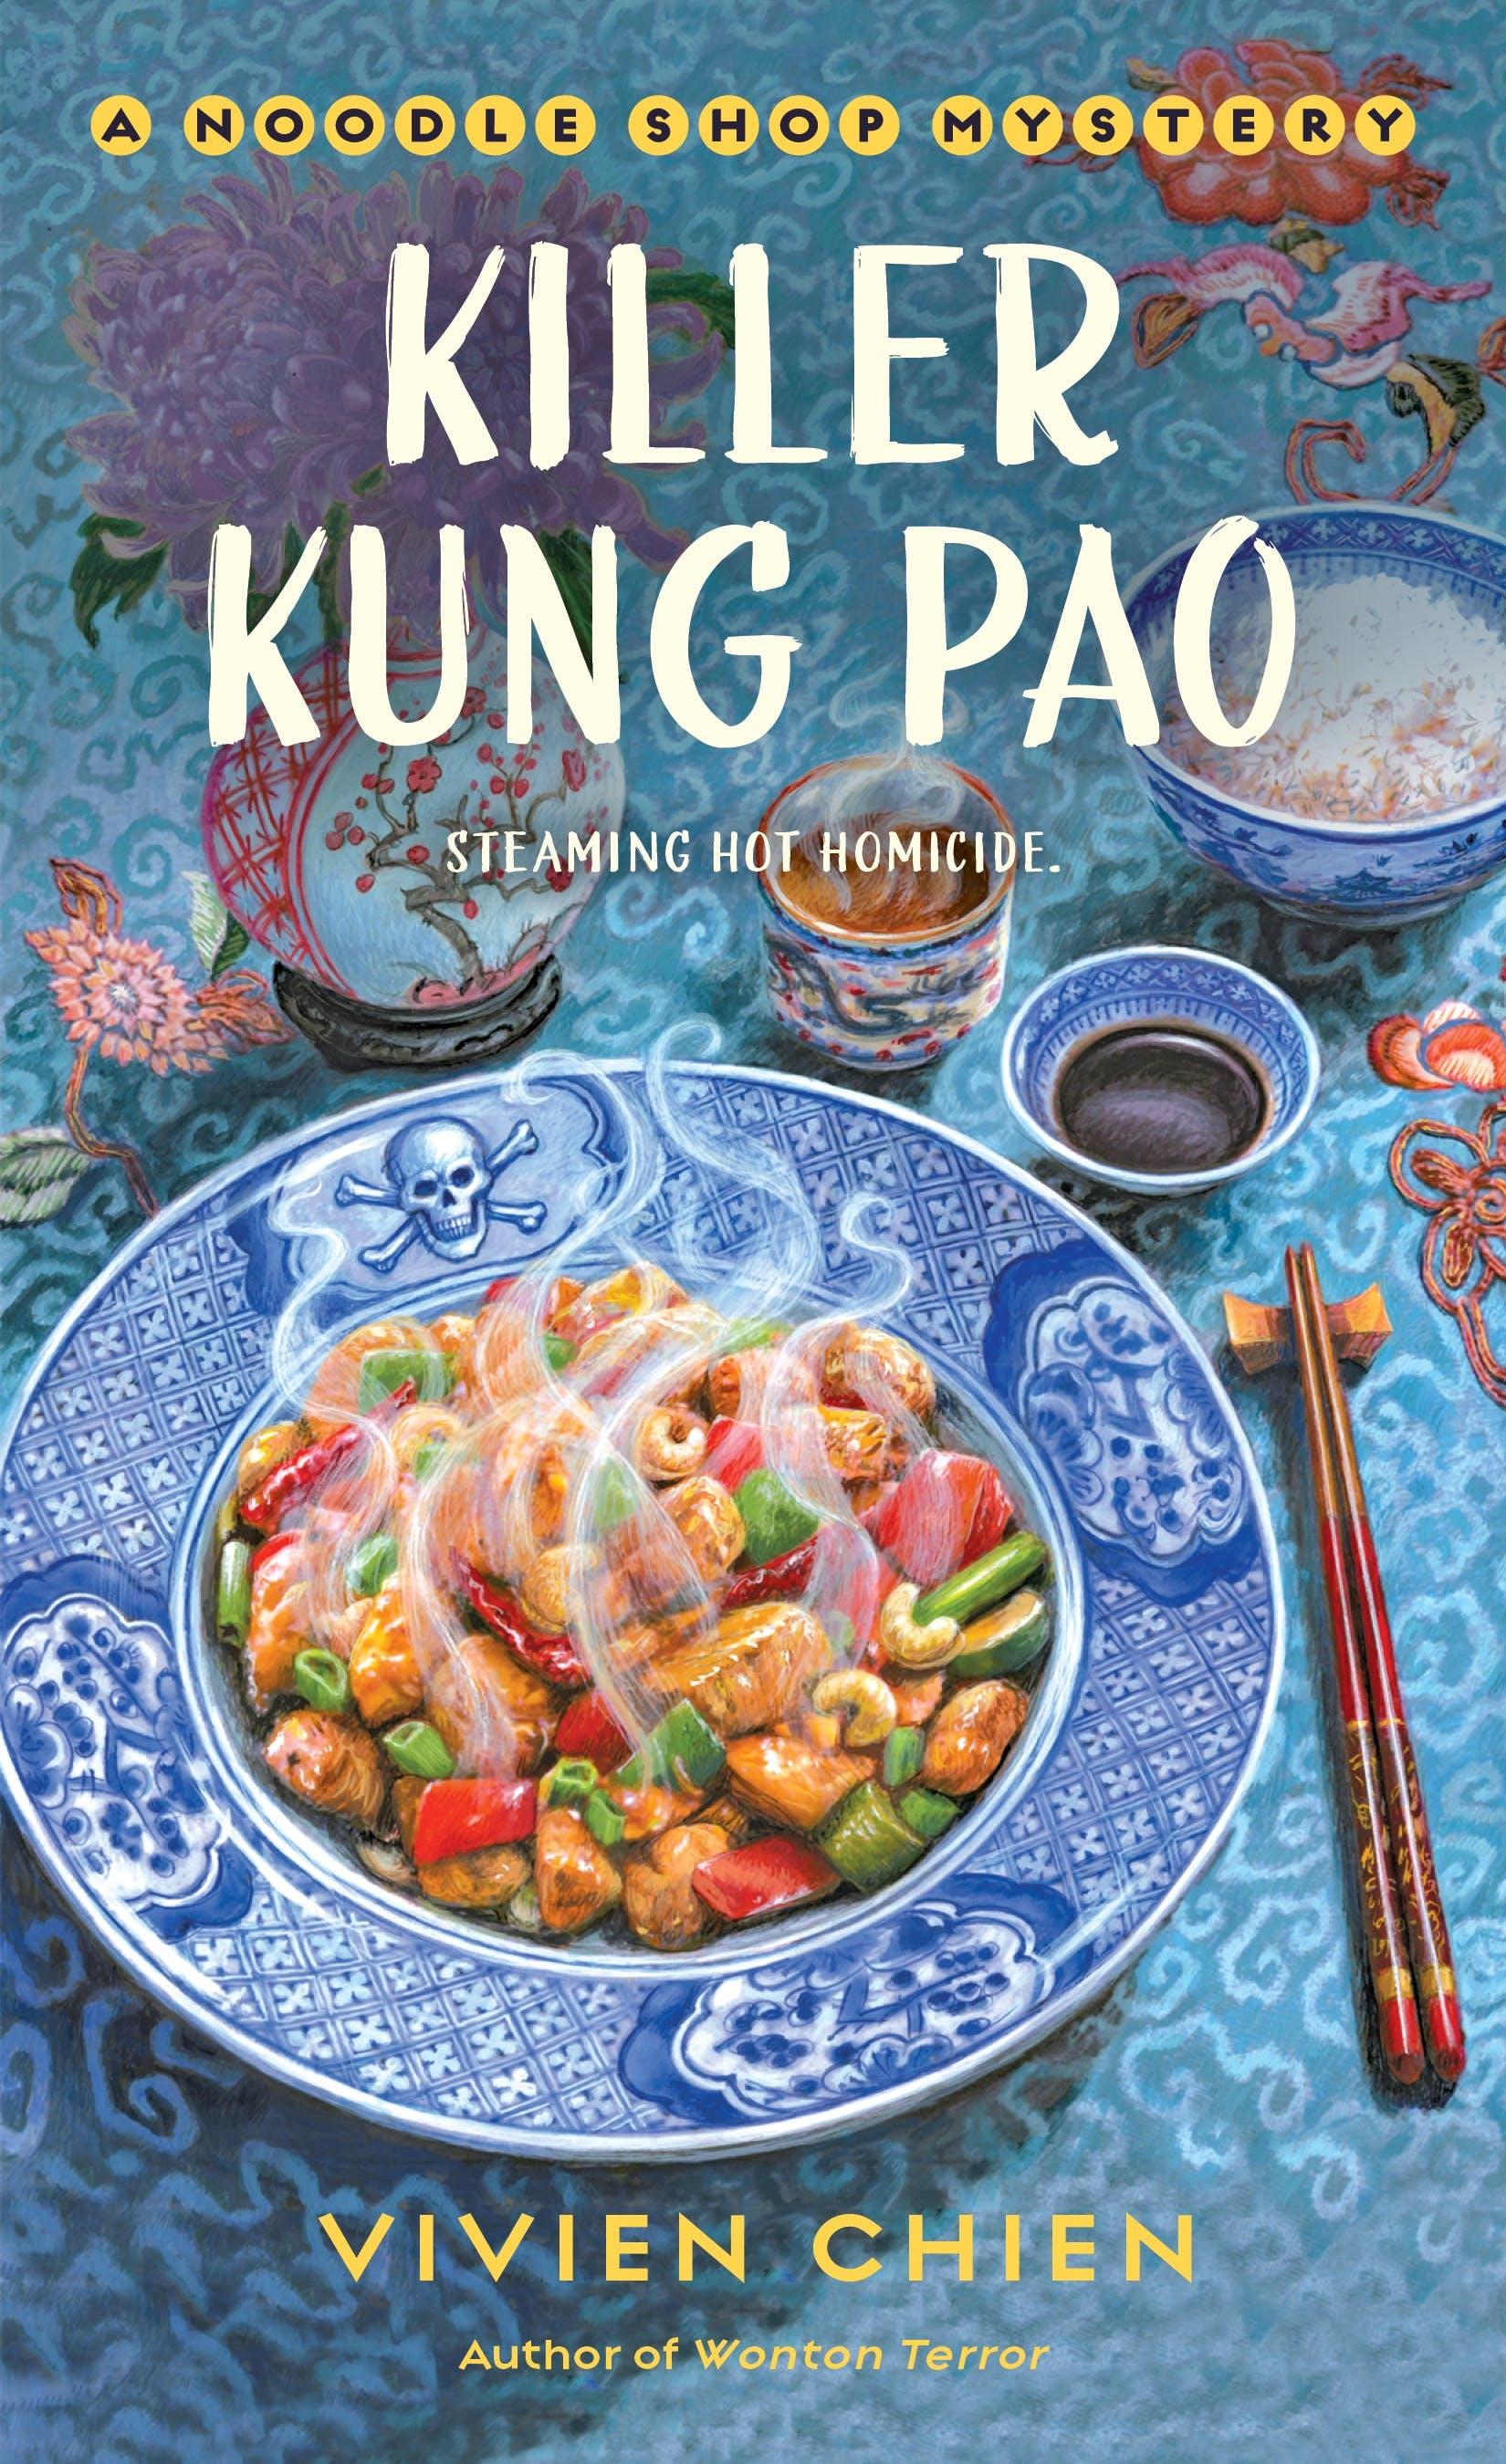 Image of Killer Kung Pao